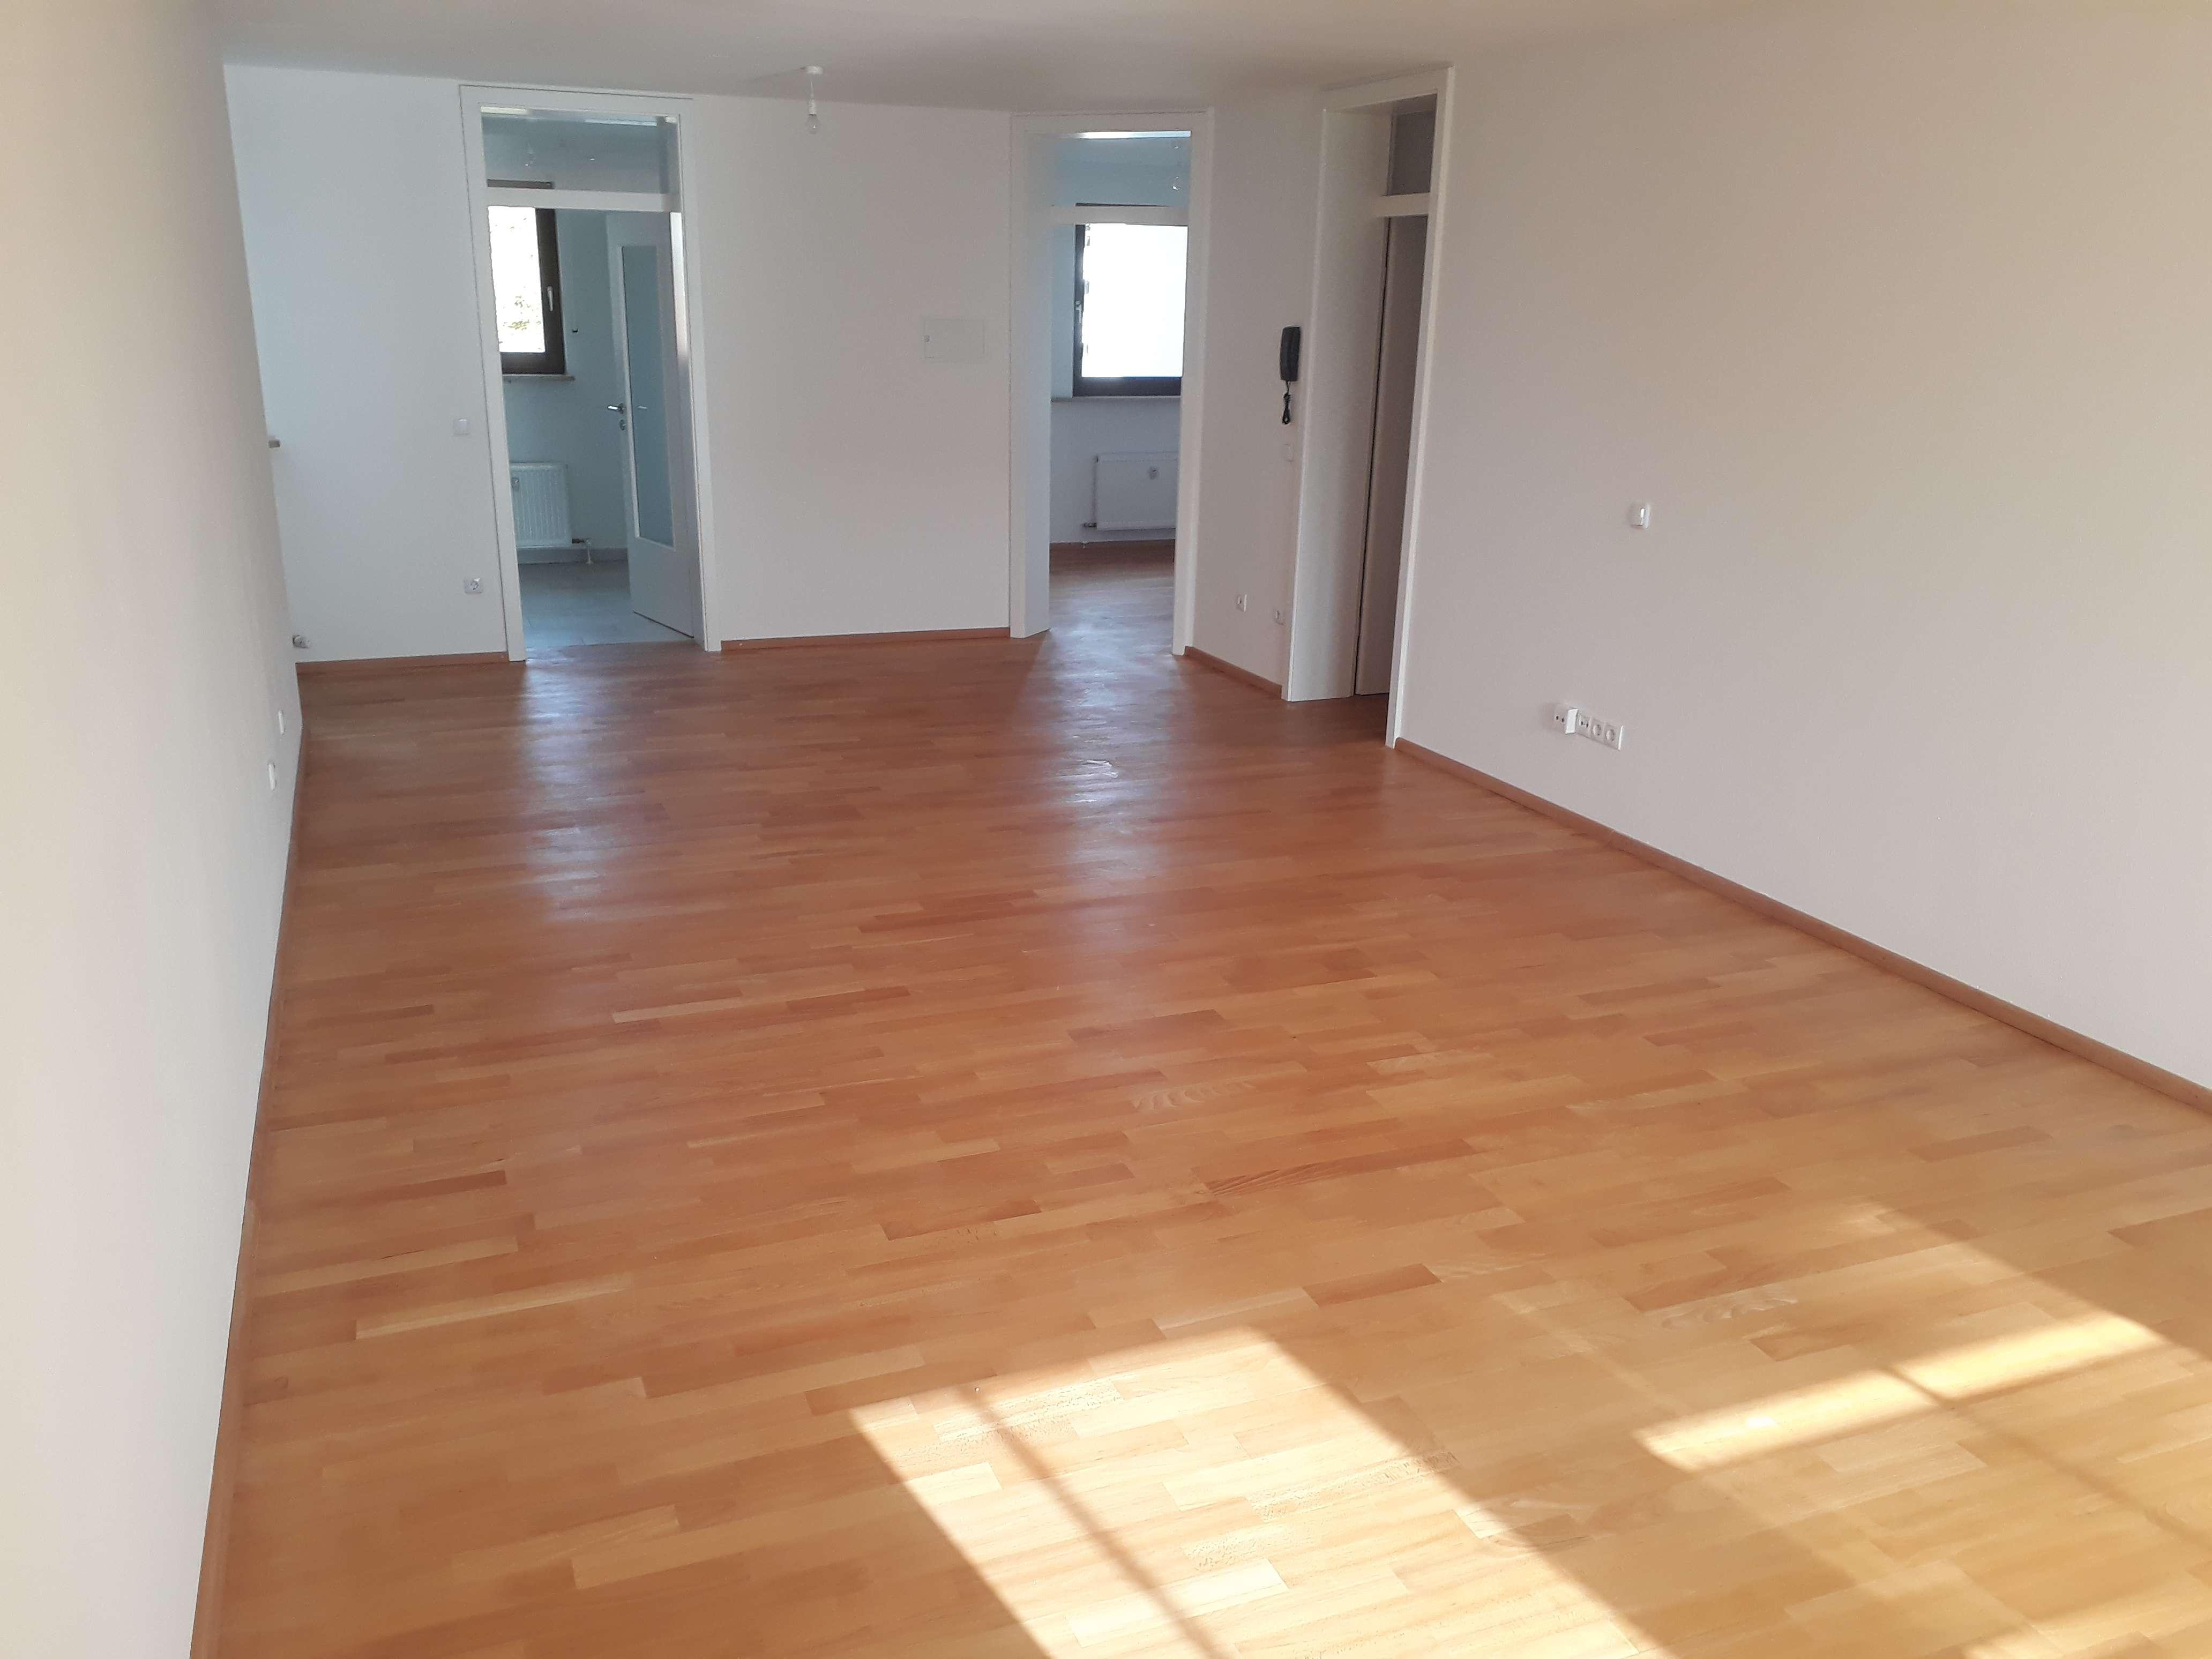 Erstbezug nach Sanierung: Helle, ruhige Wohnung mit schickem Erker in sehr gepflegter Wohnanlage. in Nikola